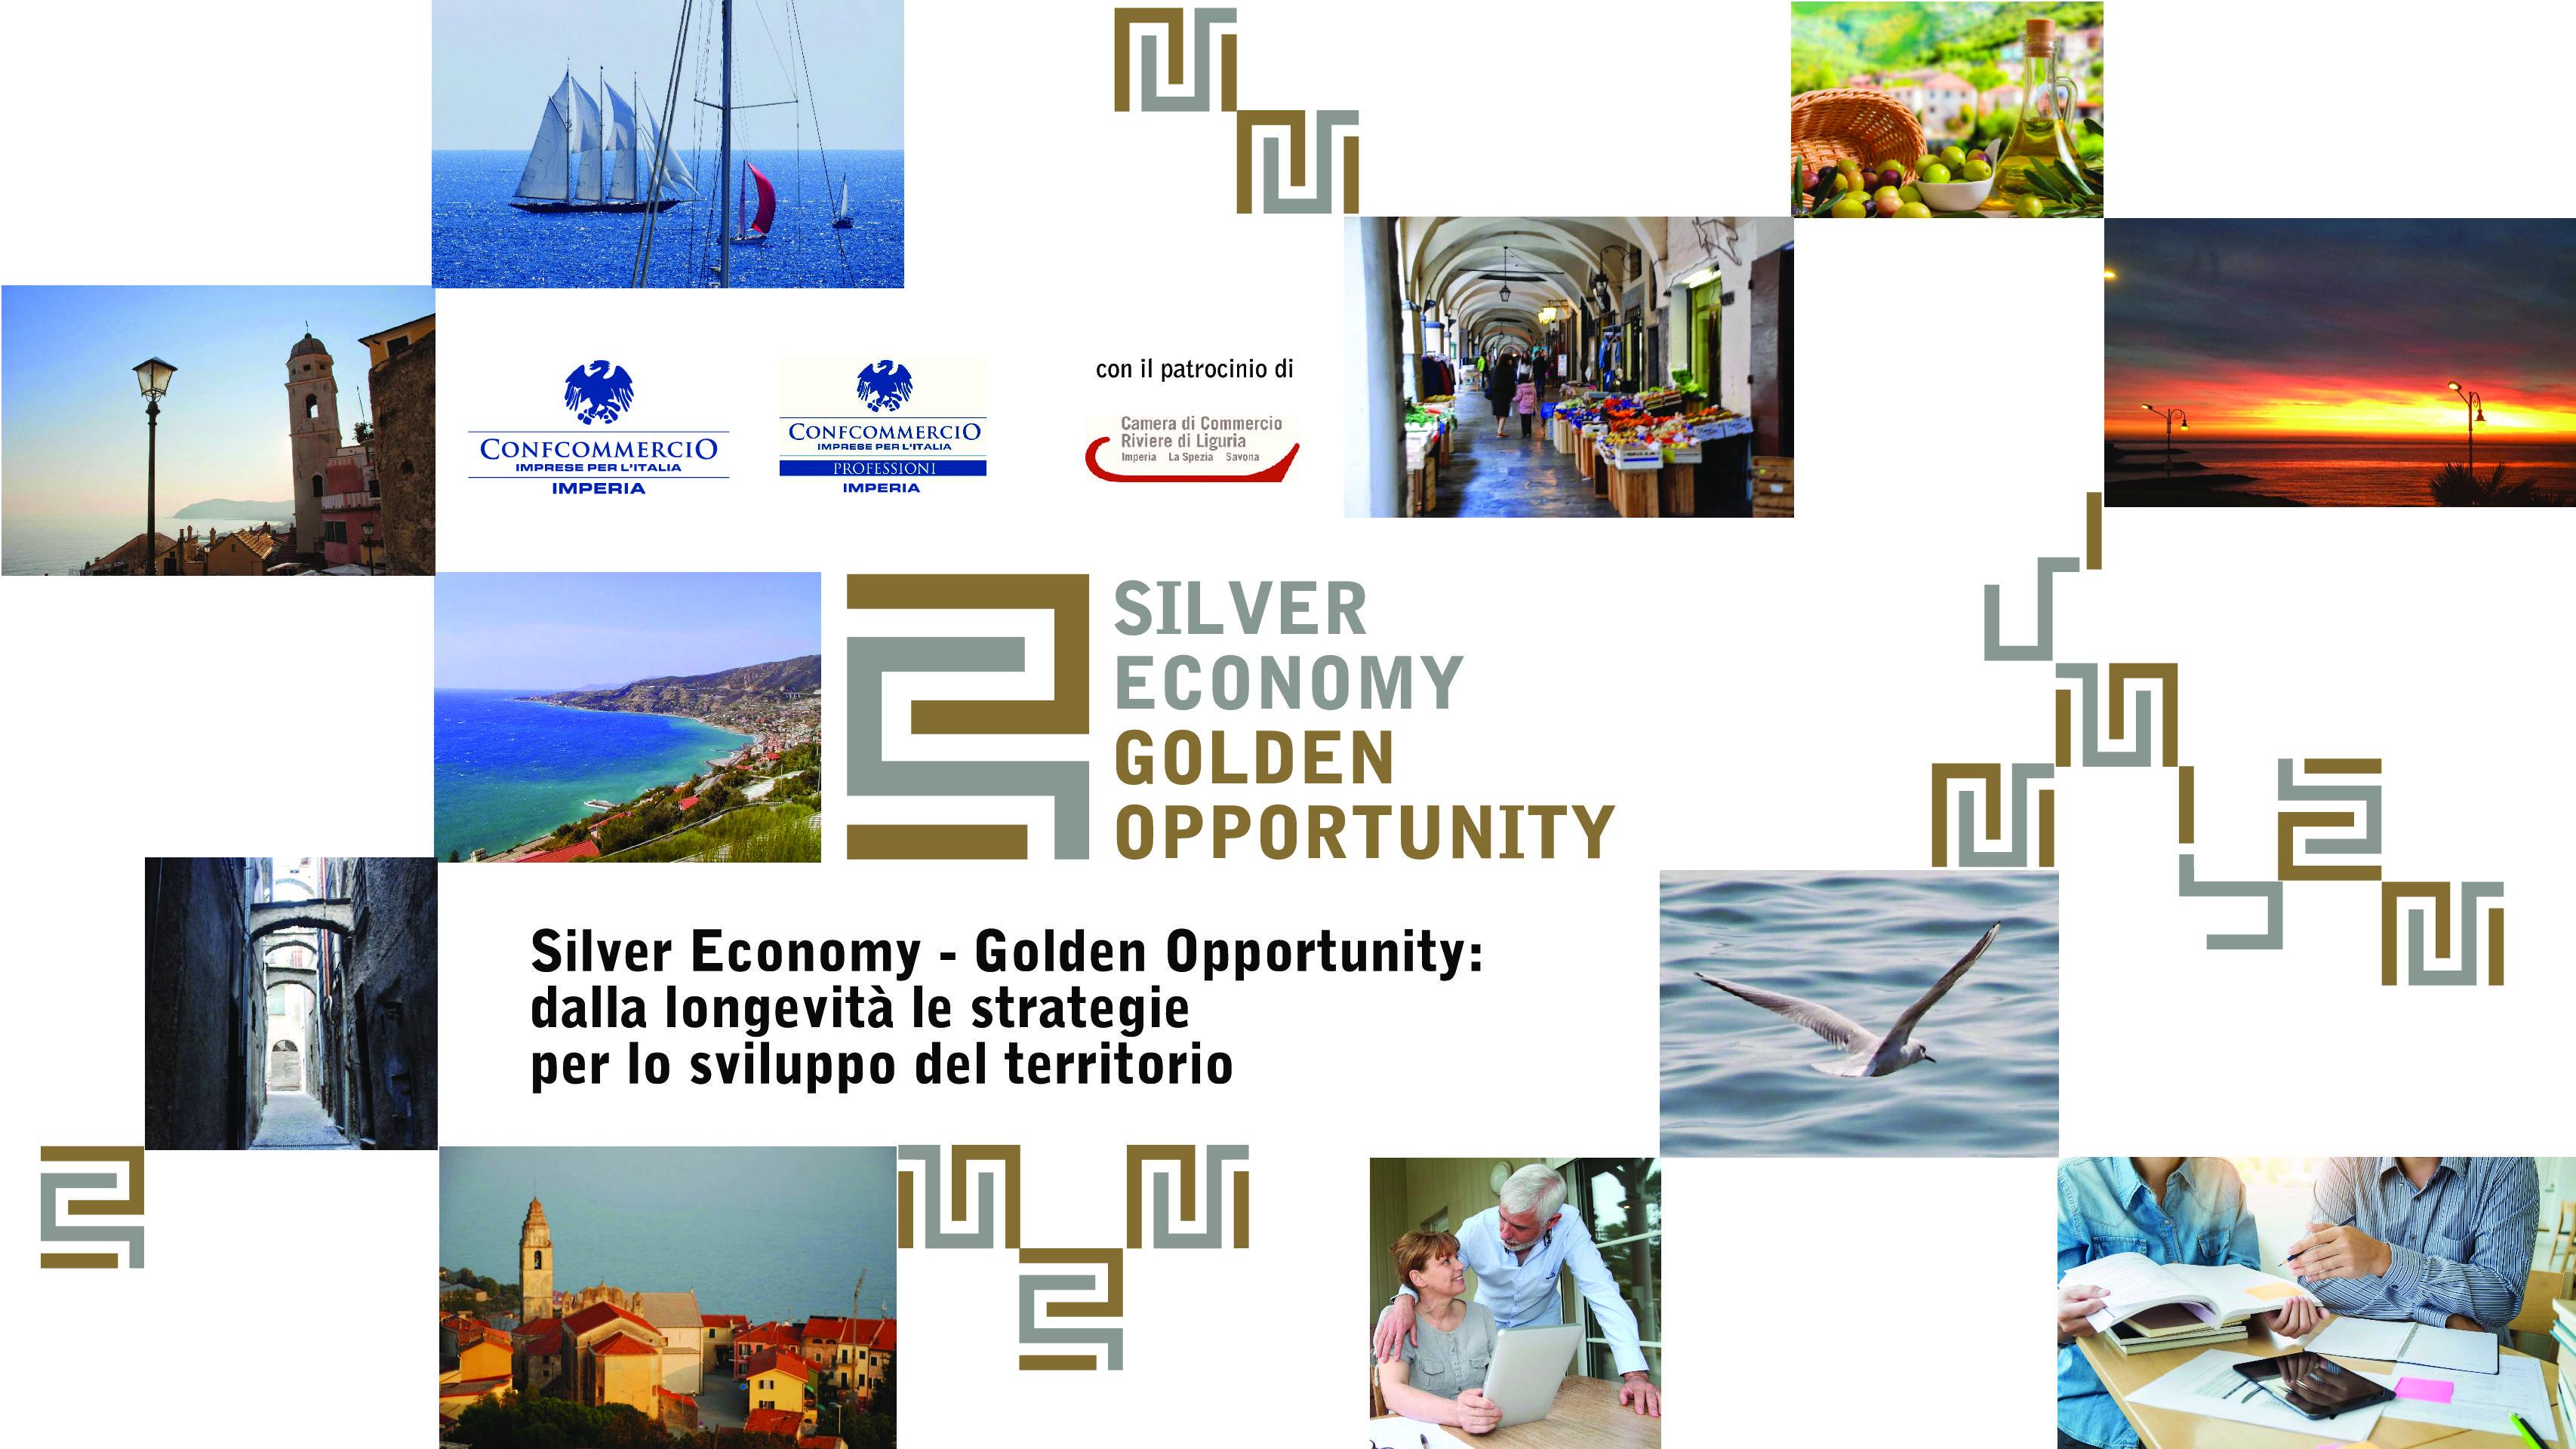 Il 29 giugno a Imperia un convegno sulla silver economy: dalla longevità nuove strategie di crescita